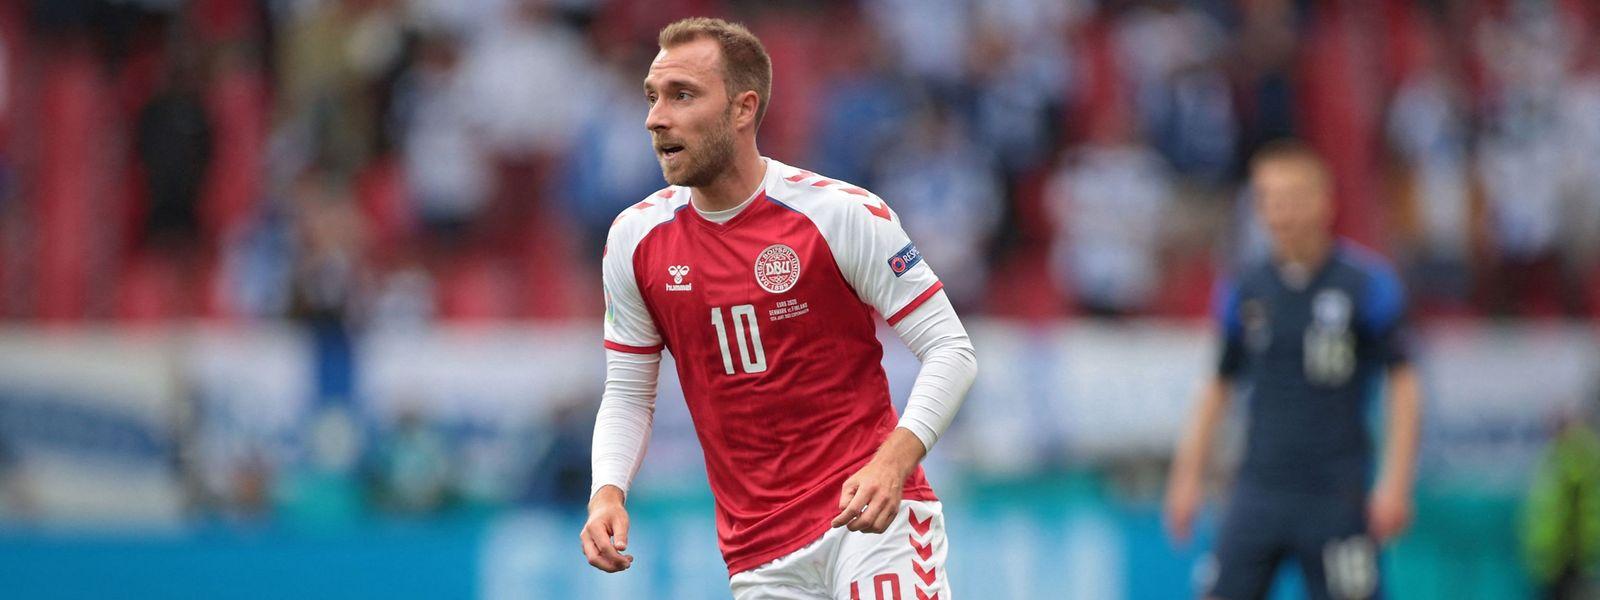 Christian Eriksen bricht im Duell mit Finnland zusammen und muss wiederbelebt werden.